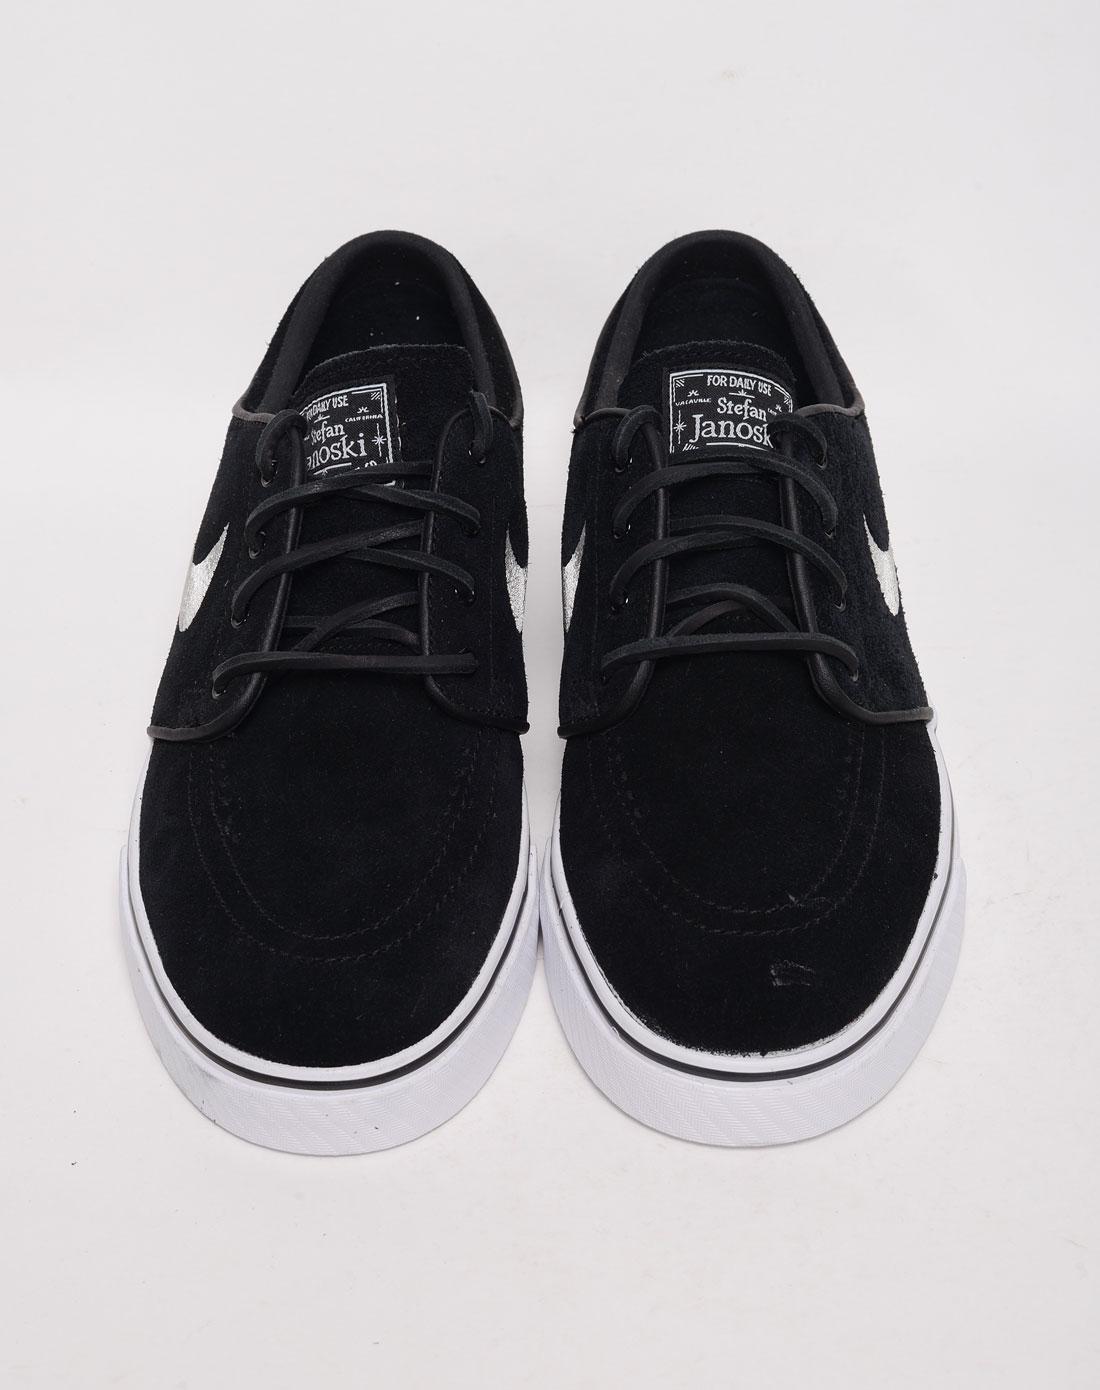 耐克nike-男子黑色复古鞋333824-002